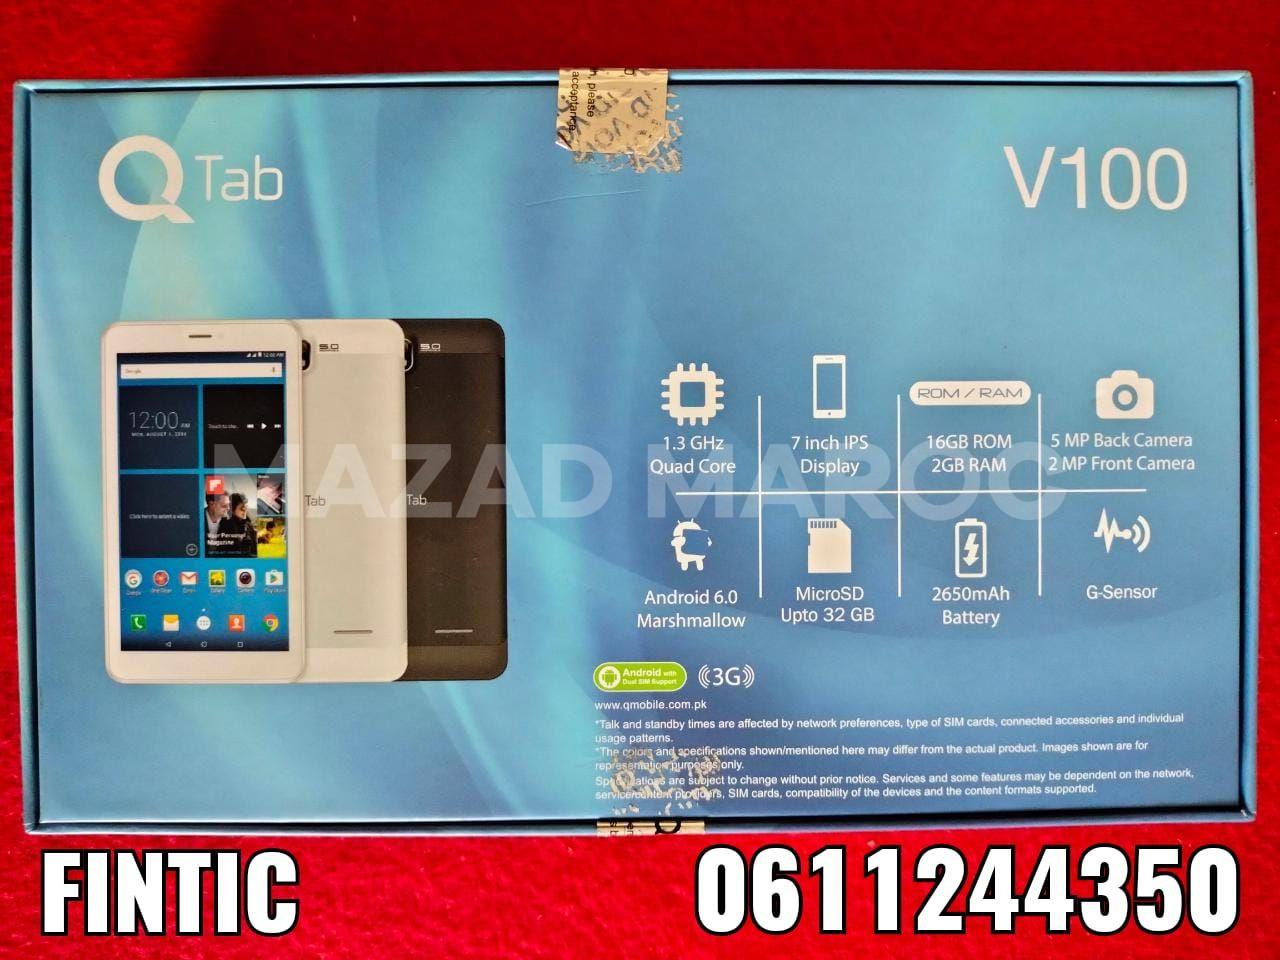 Tablette QTab V100 جديدة  QTab V100  ©️  Quad Core Processeur 1.30Ghz